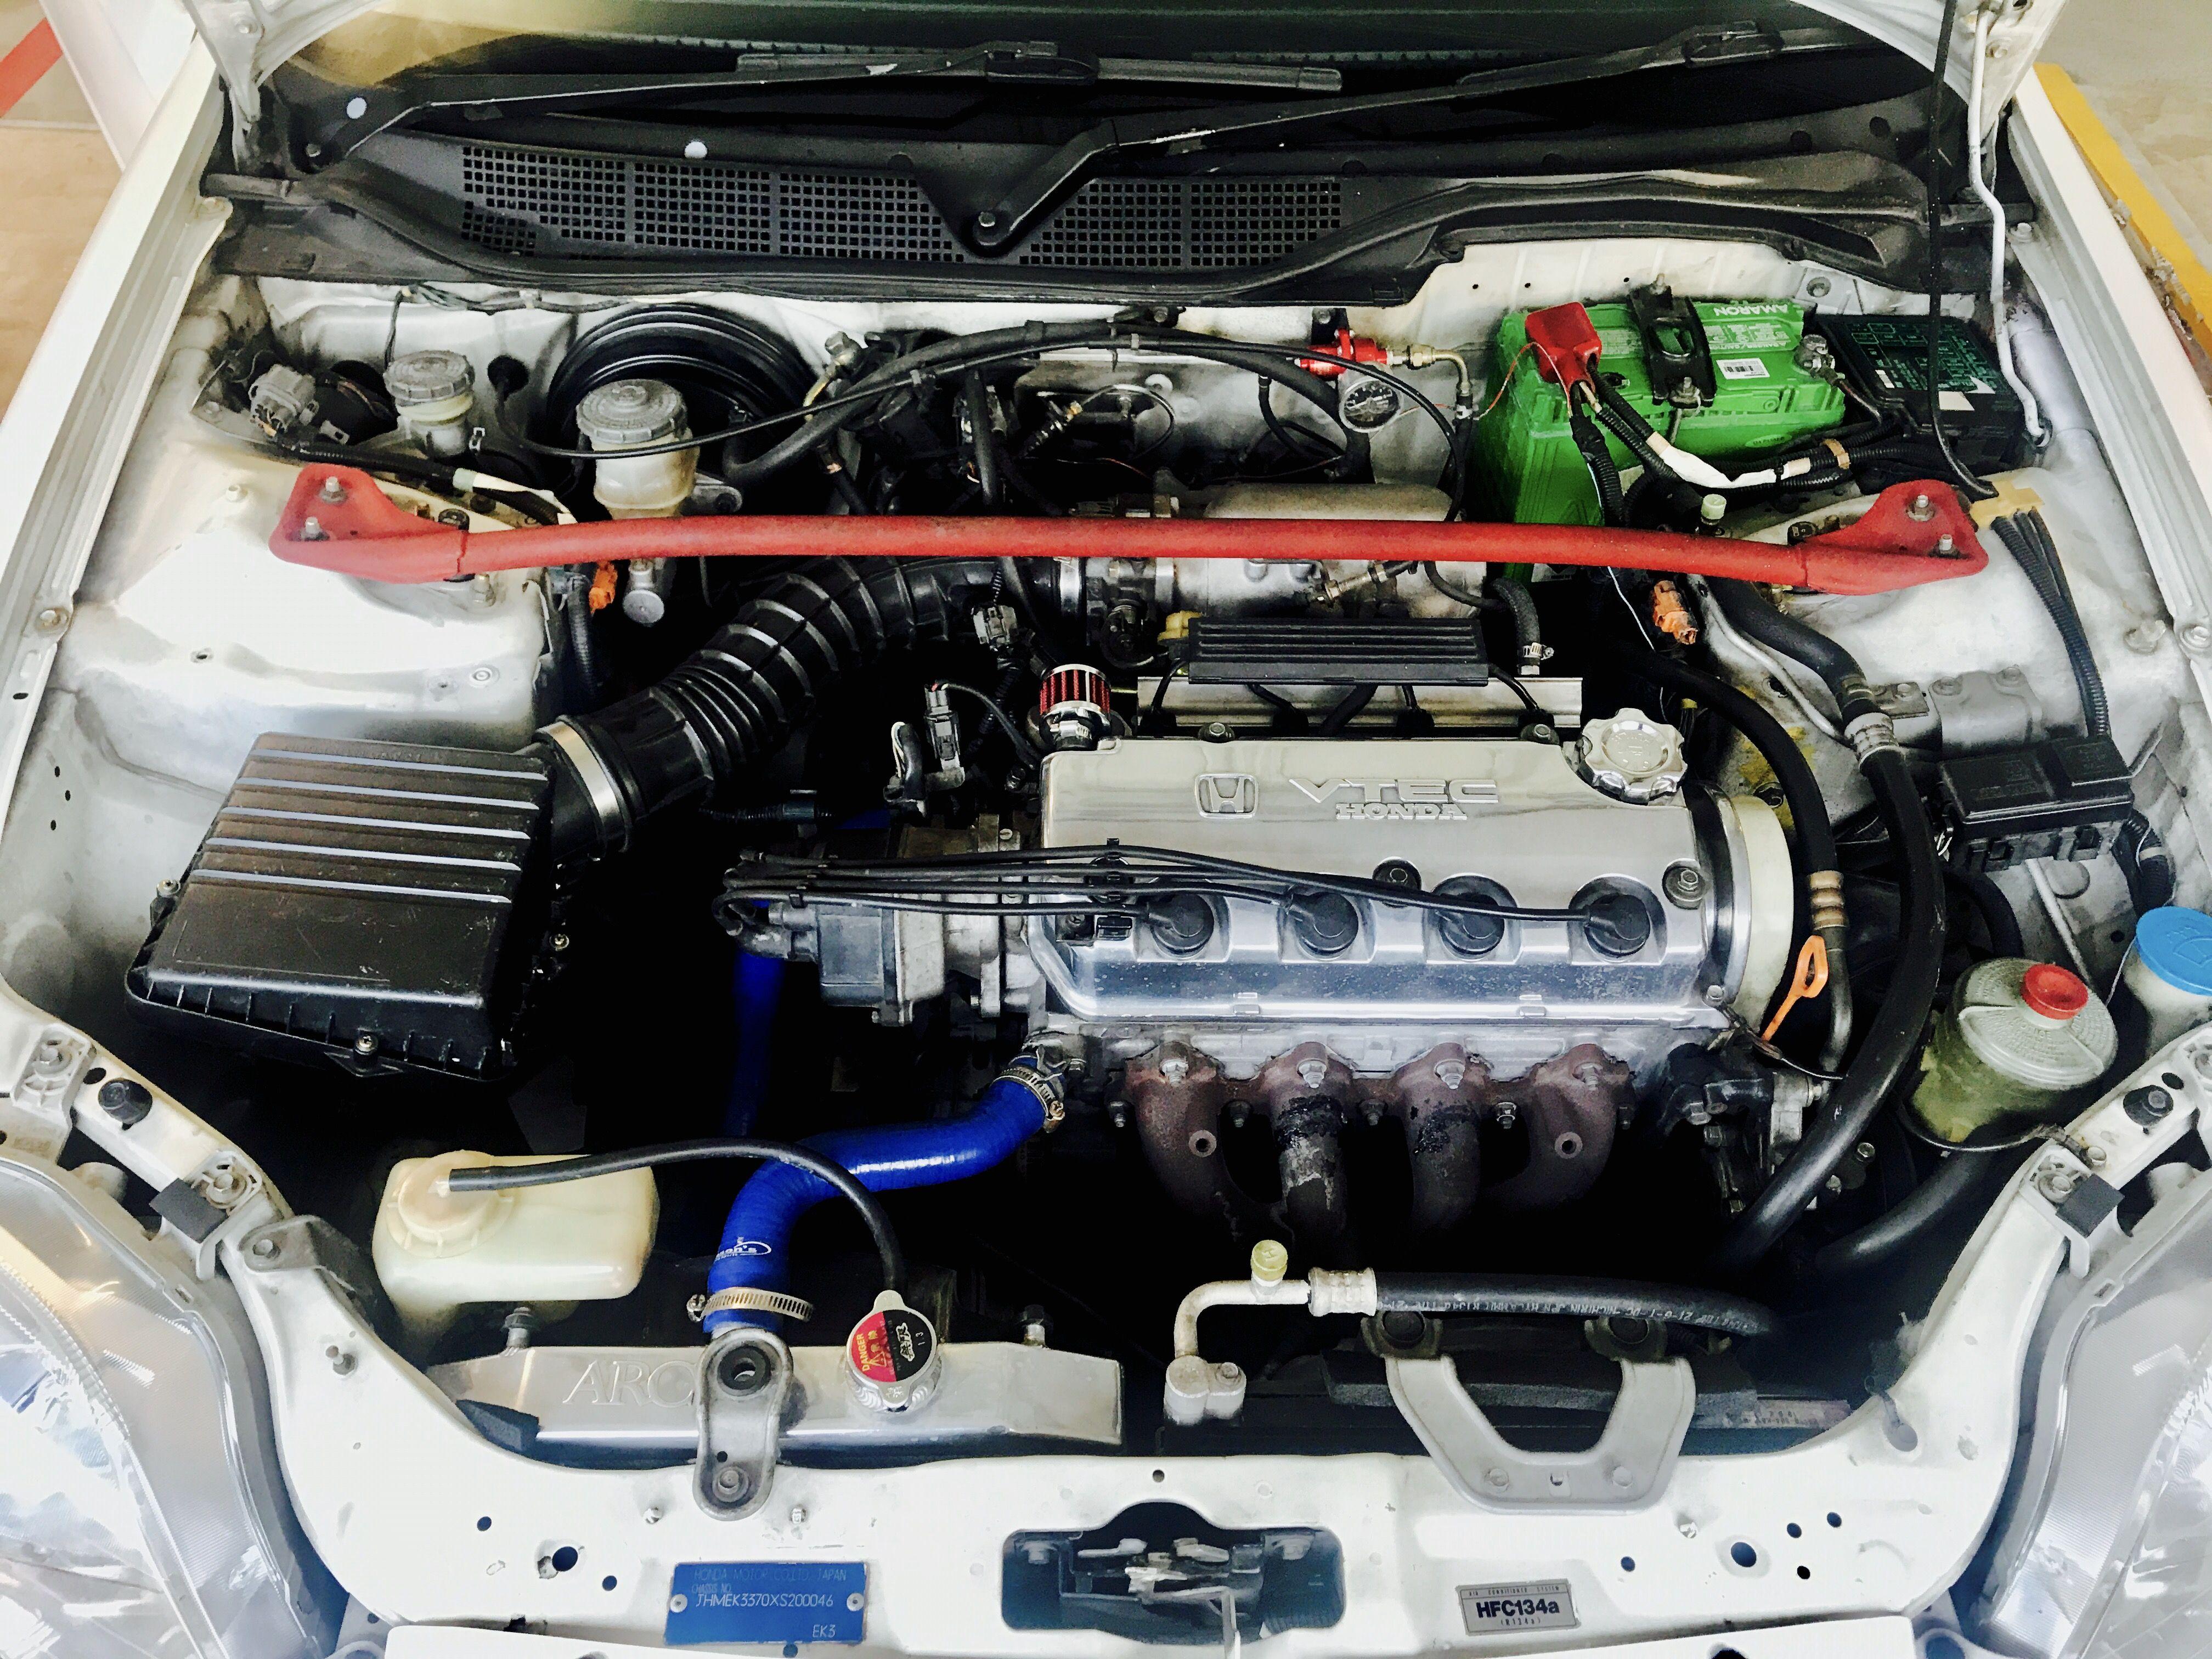 D15z7 Jdm Vtec Sohc Engine Dual Solenoid Honda Civic Vti Ek3 Vtec Honda Civic Engineering